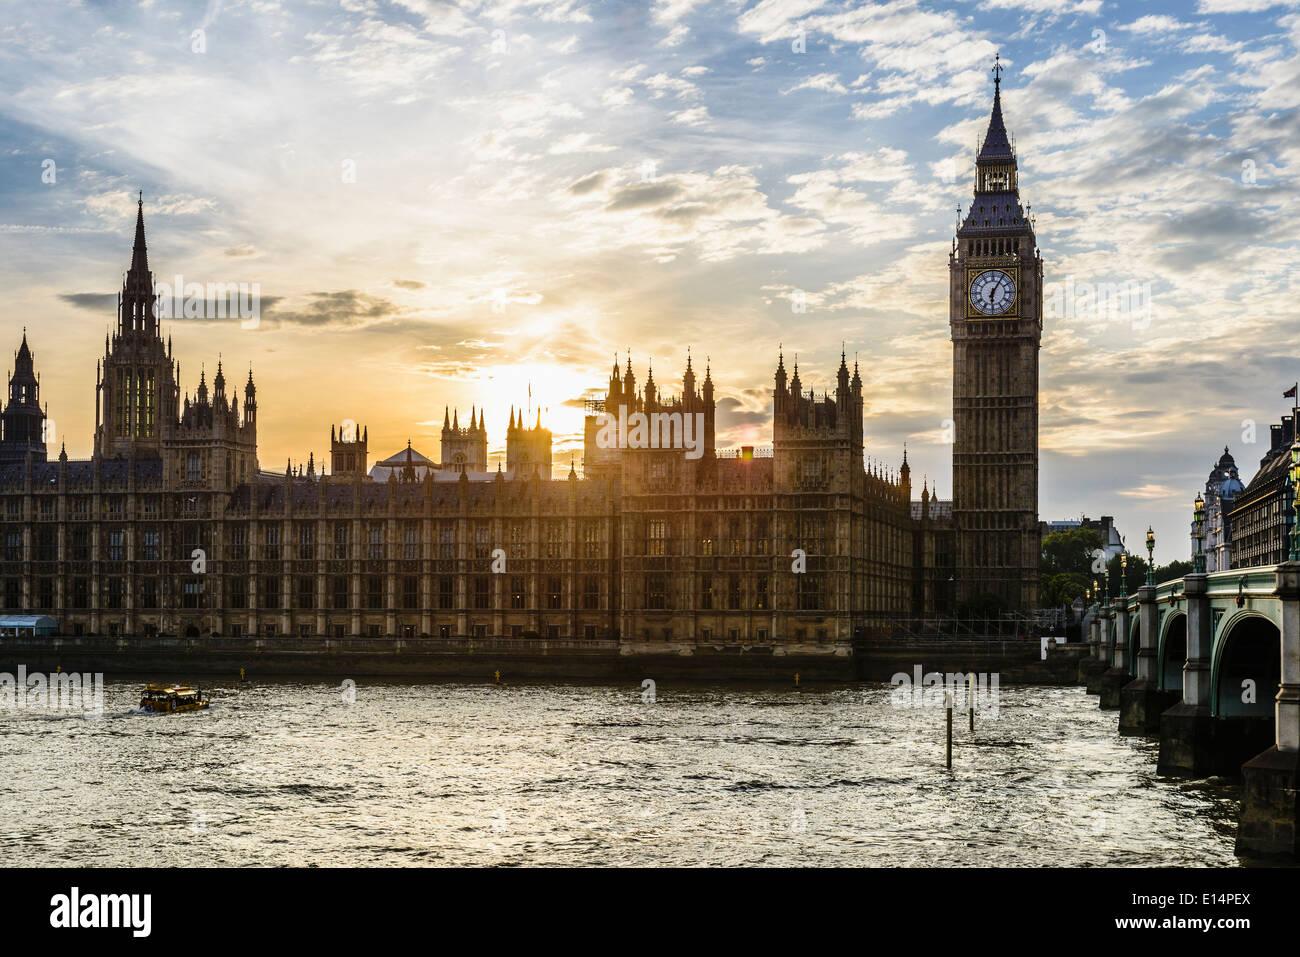 Puesta de sol sobre las Casas del Parlamento, Londres, Reino Unido. Imagen De Stock